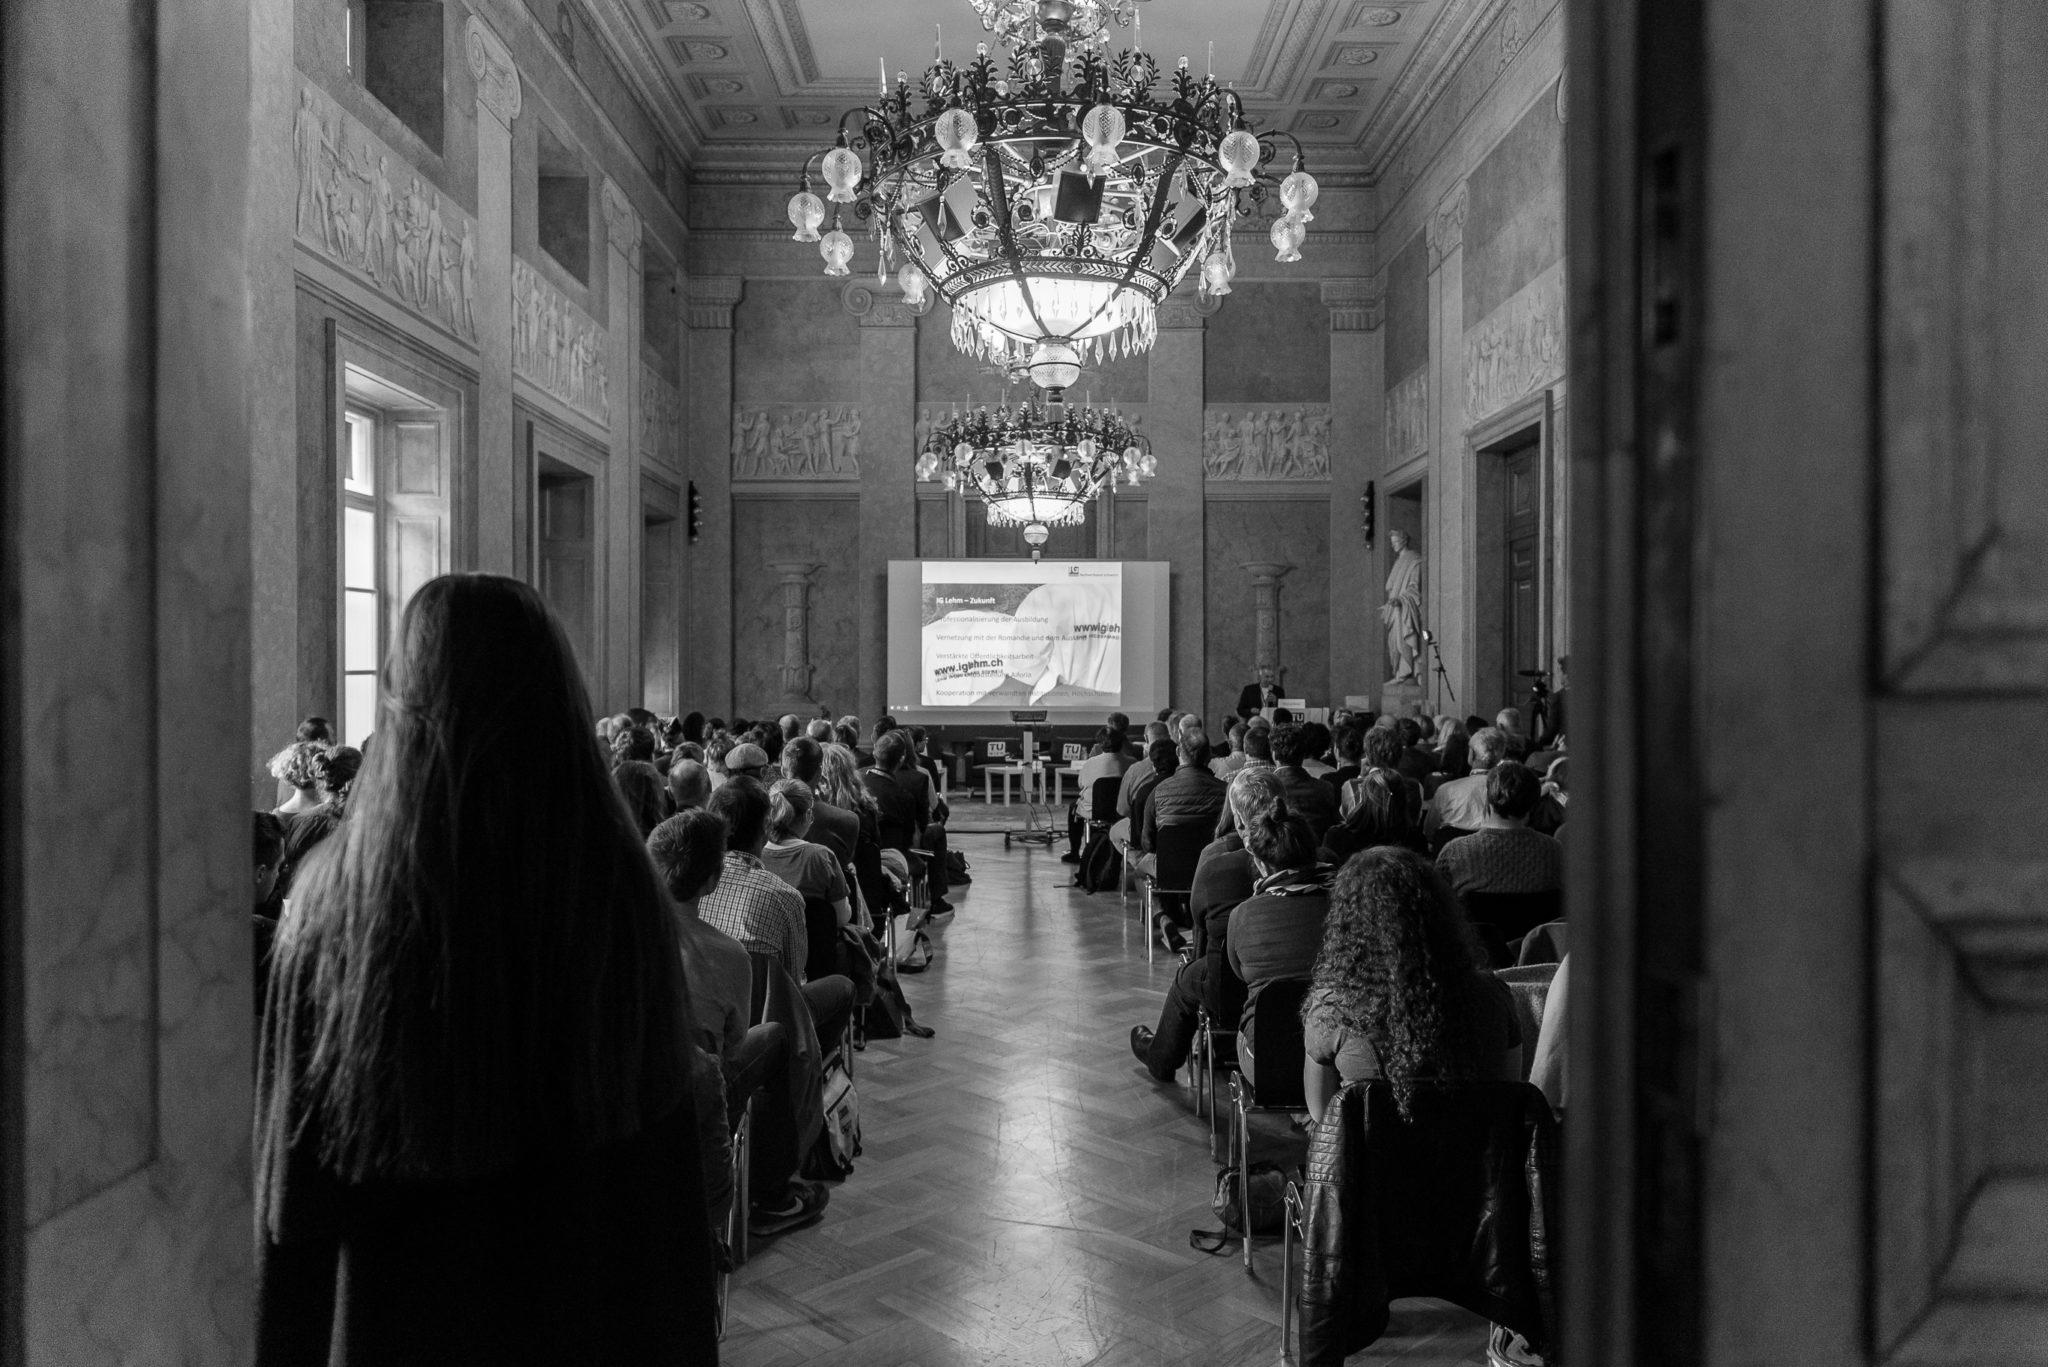 2017.11.03-2017.11.04-1.-Österreichische-Lehmbautagung-Fotos-Paul-18-von-100